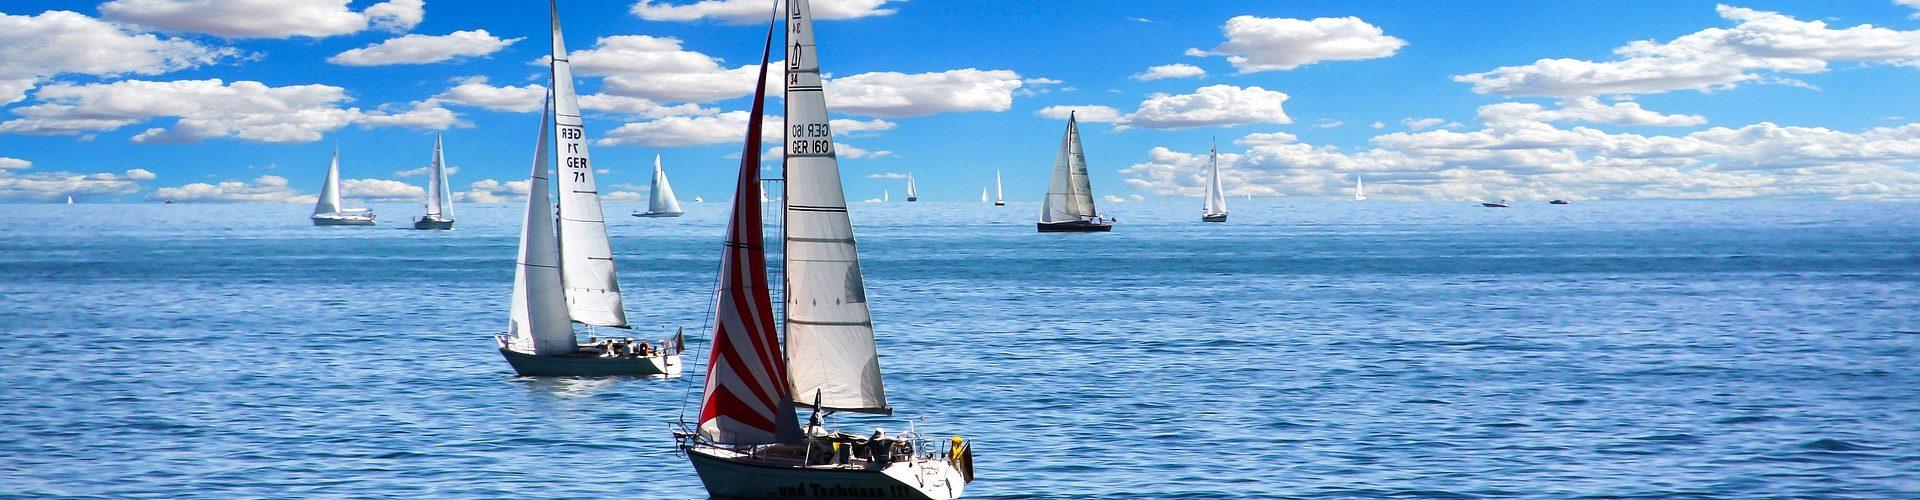 segeln lernen in Neu Anspach segelschein machen in Neu Anspach 1920x500 - Segeln lernen in Neu-Anspach